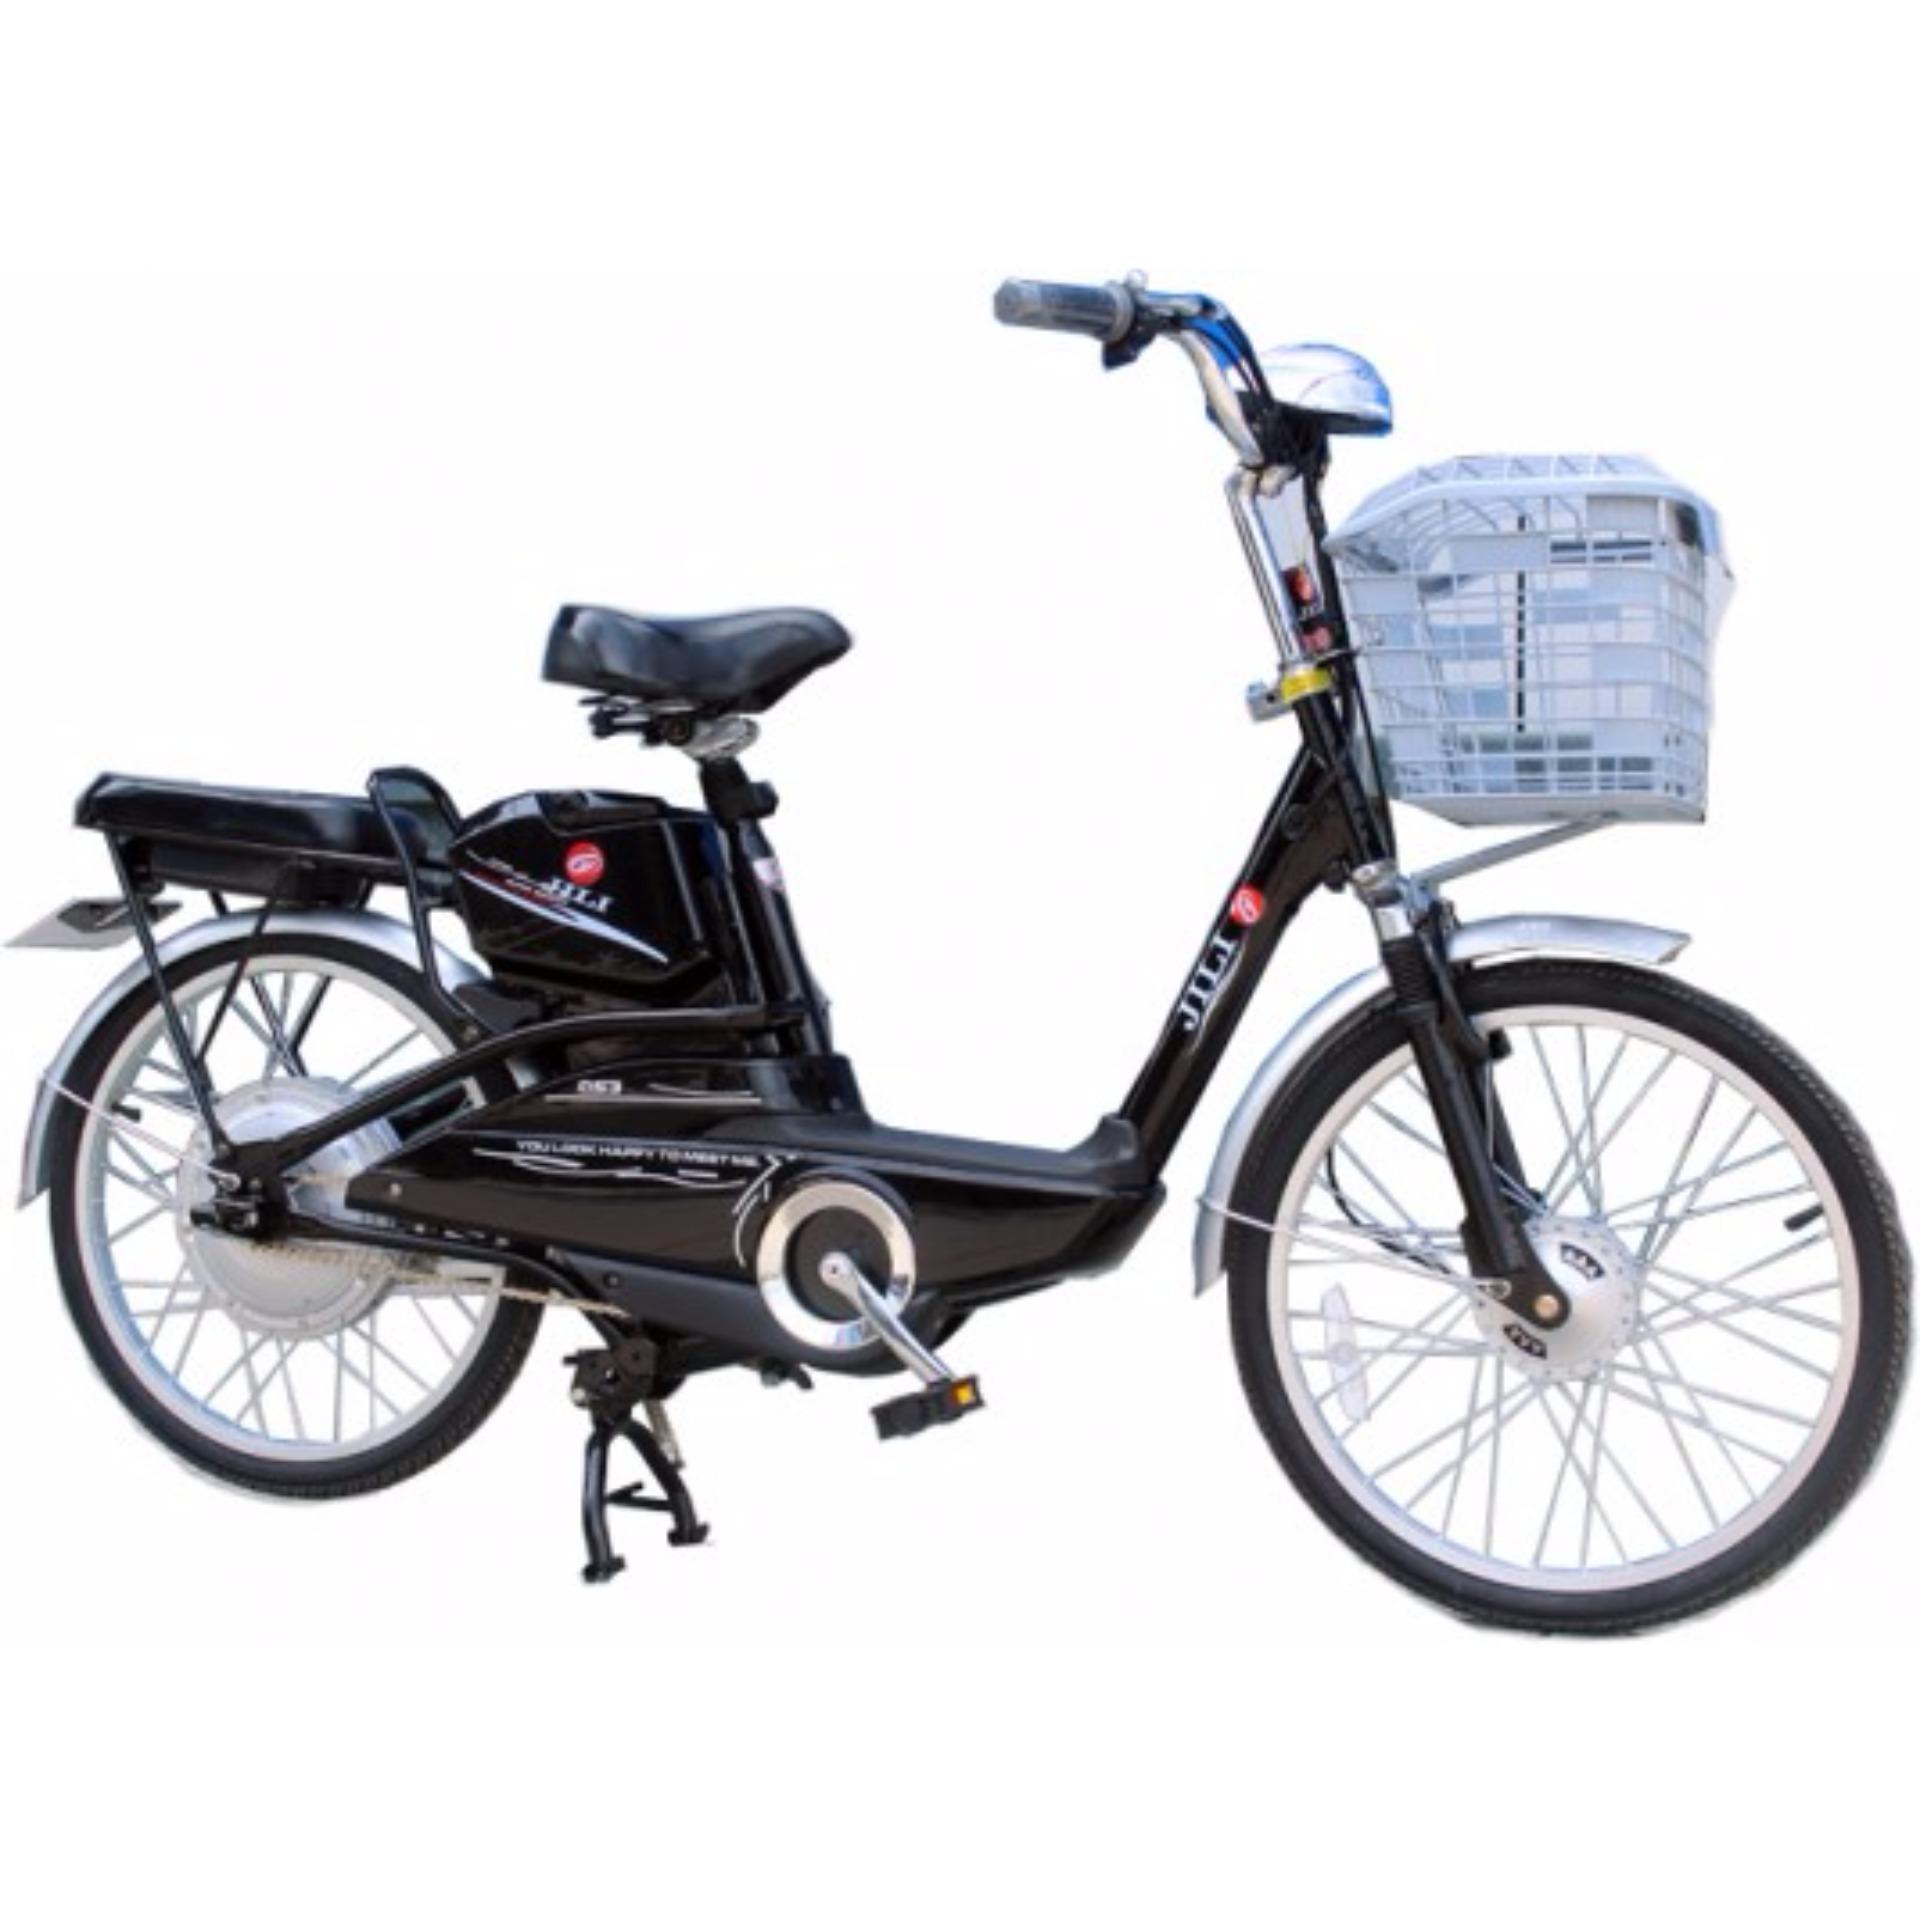 xe đạp điện nhập khẩu jili